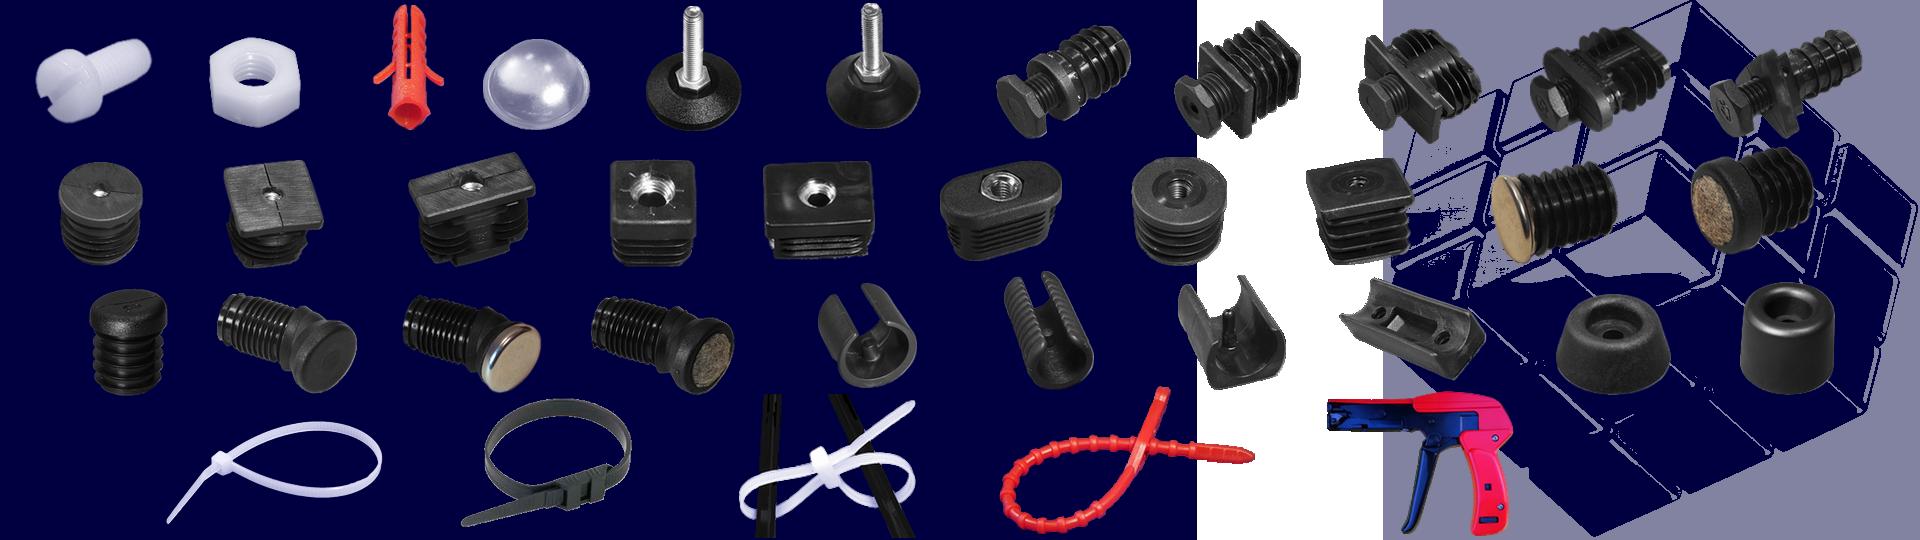 Connectors, screws, bumpers, feet, sliders, cable ties, dowels.